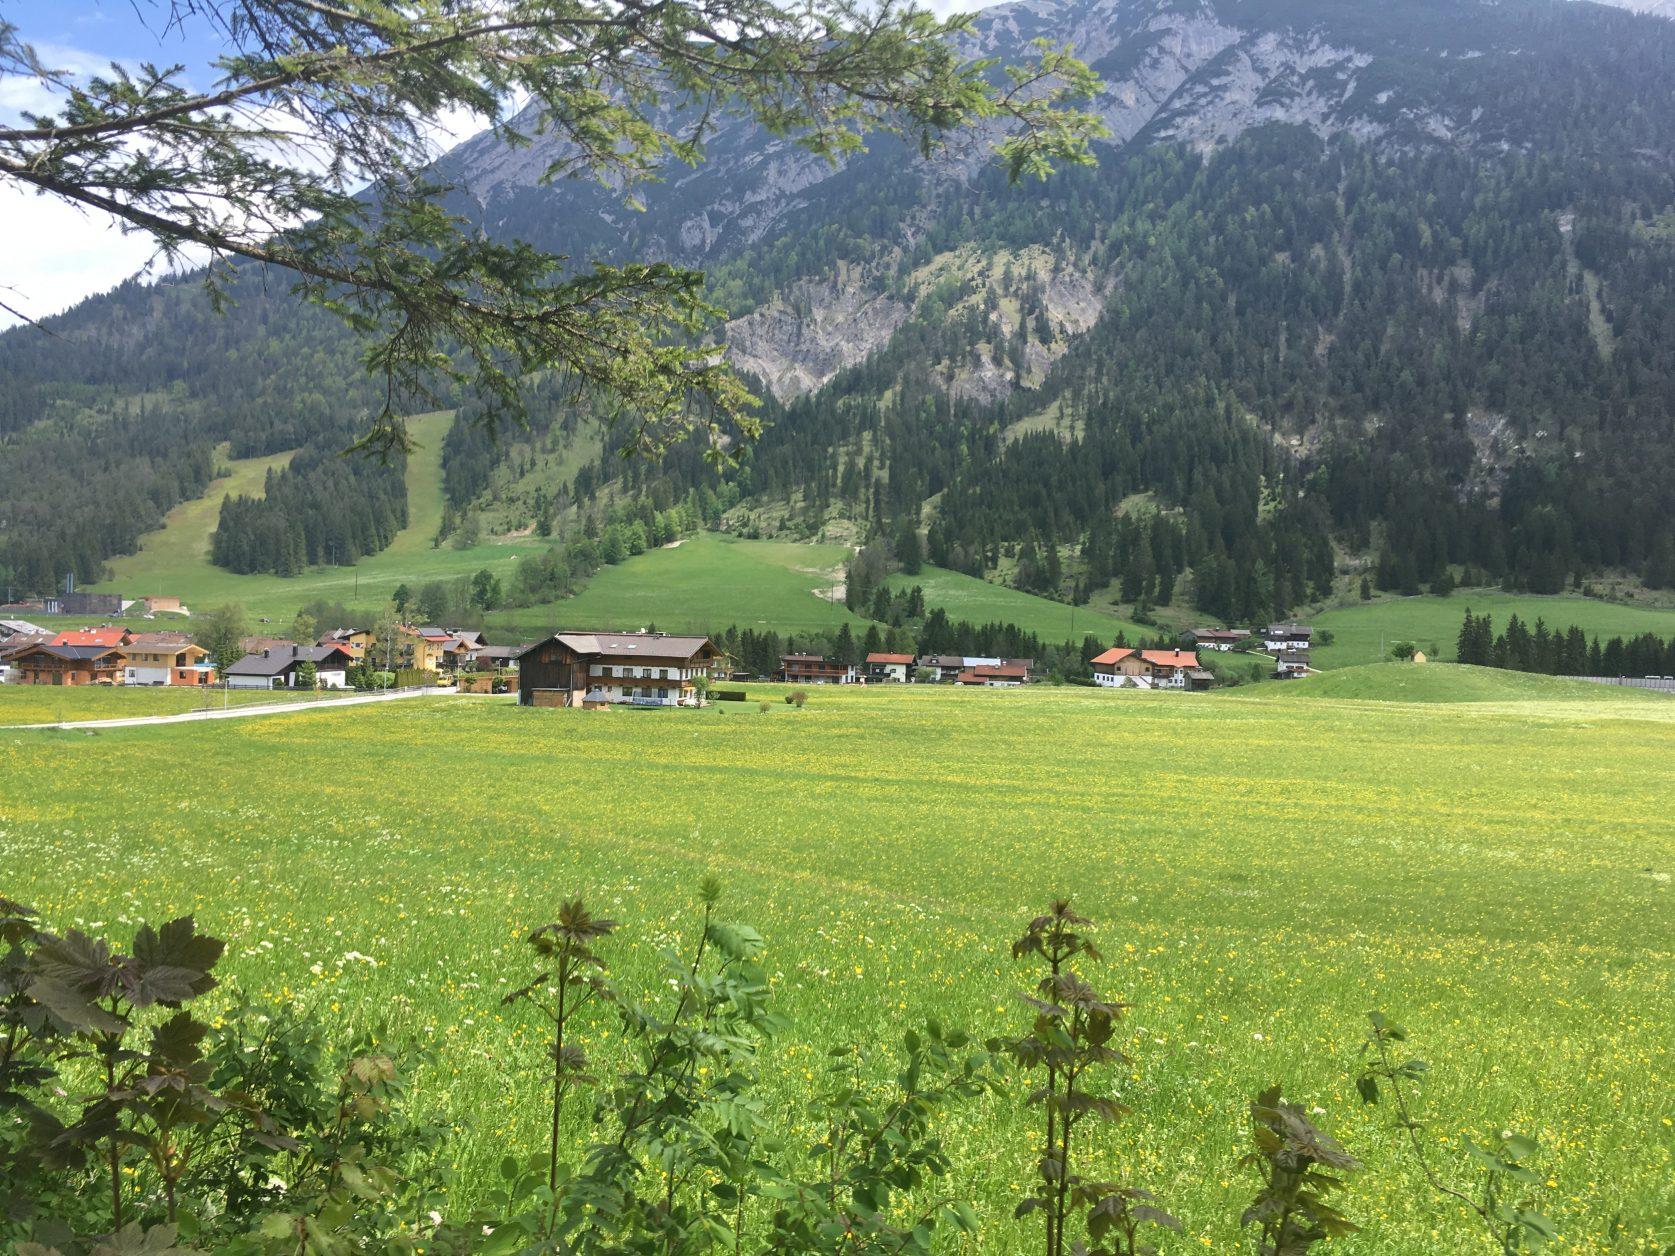 Am Rande von Achenkirch in Tirol, Foto: D.Weirauch